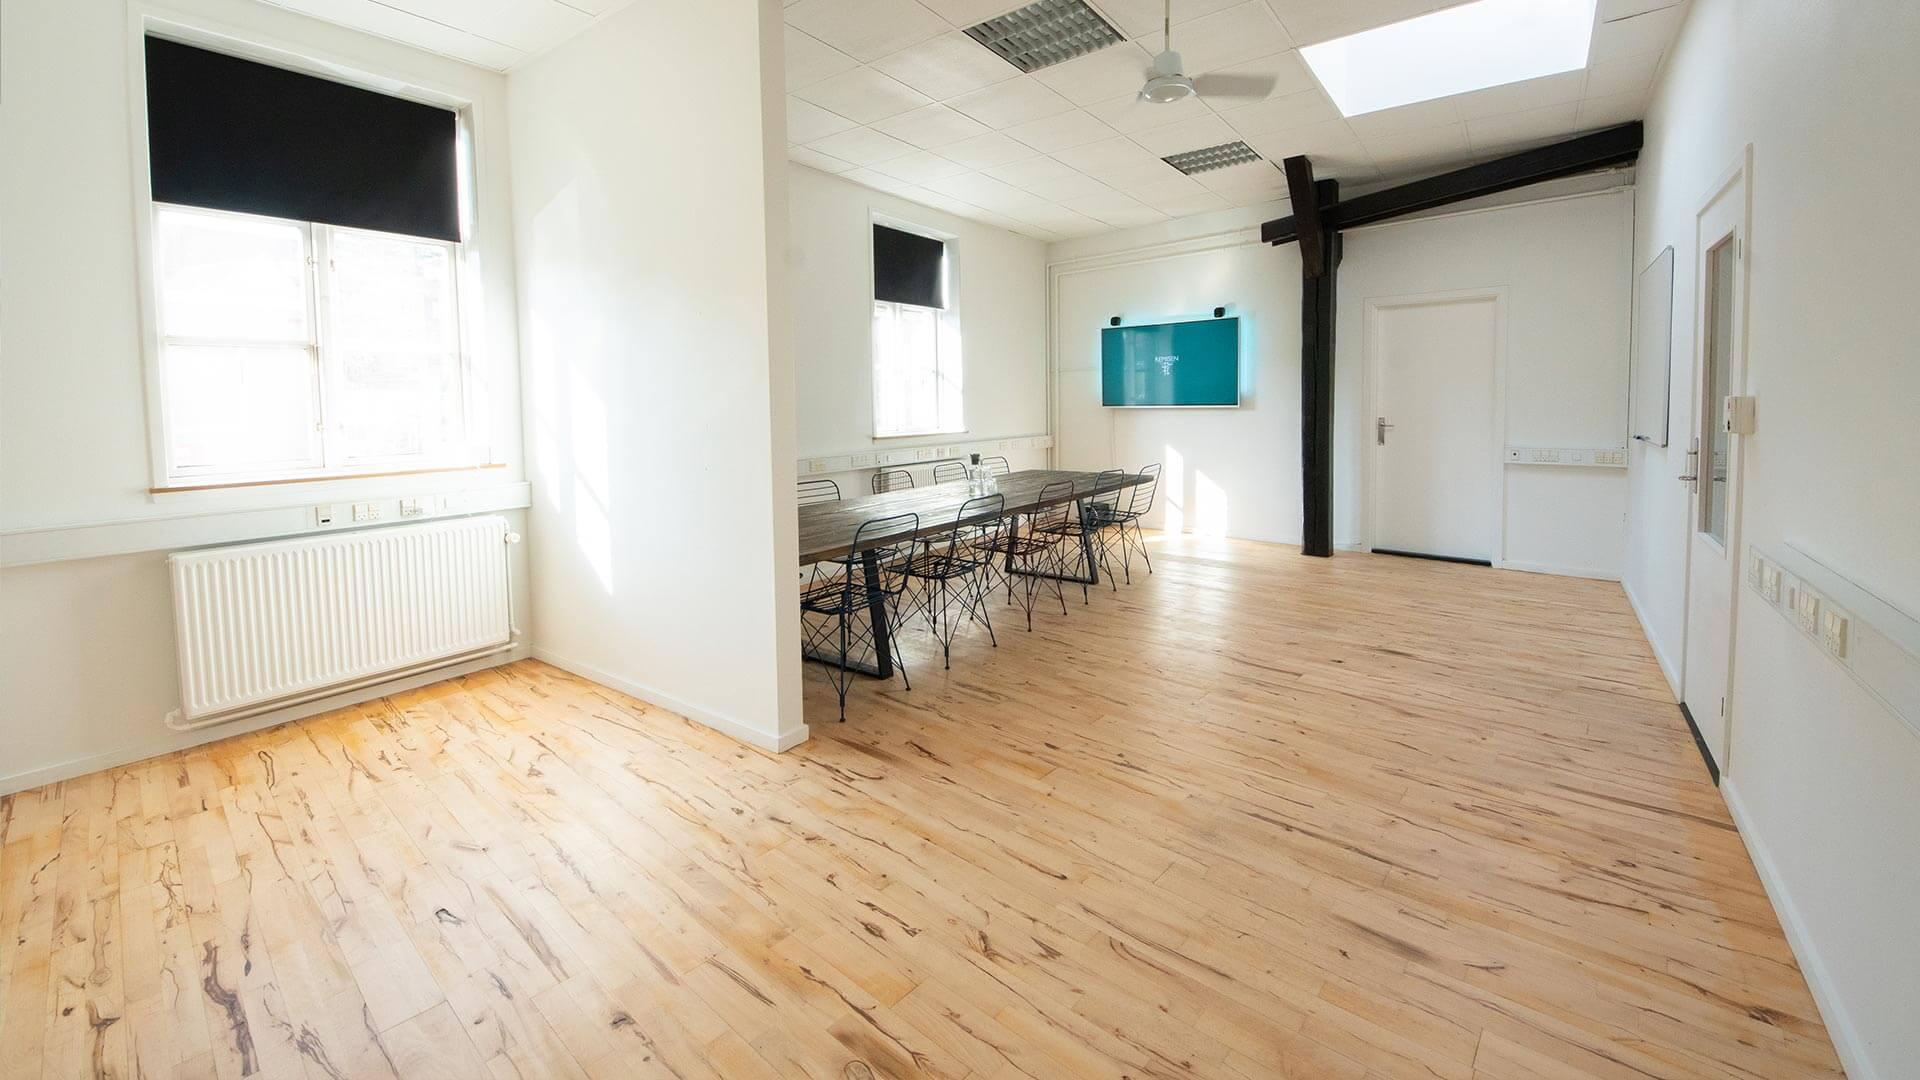 Mødelokale i Næstveds inkubator